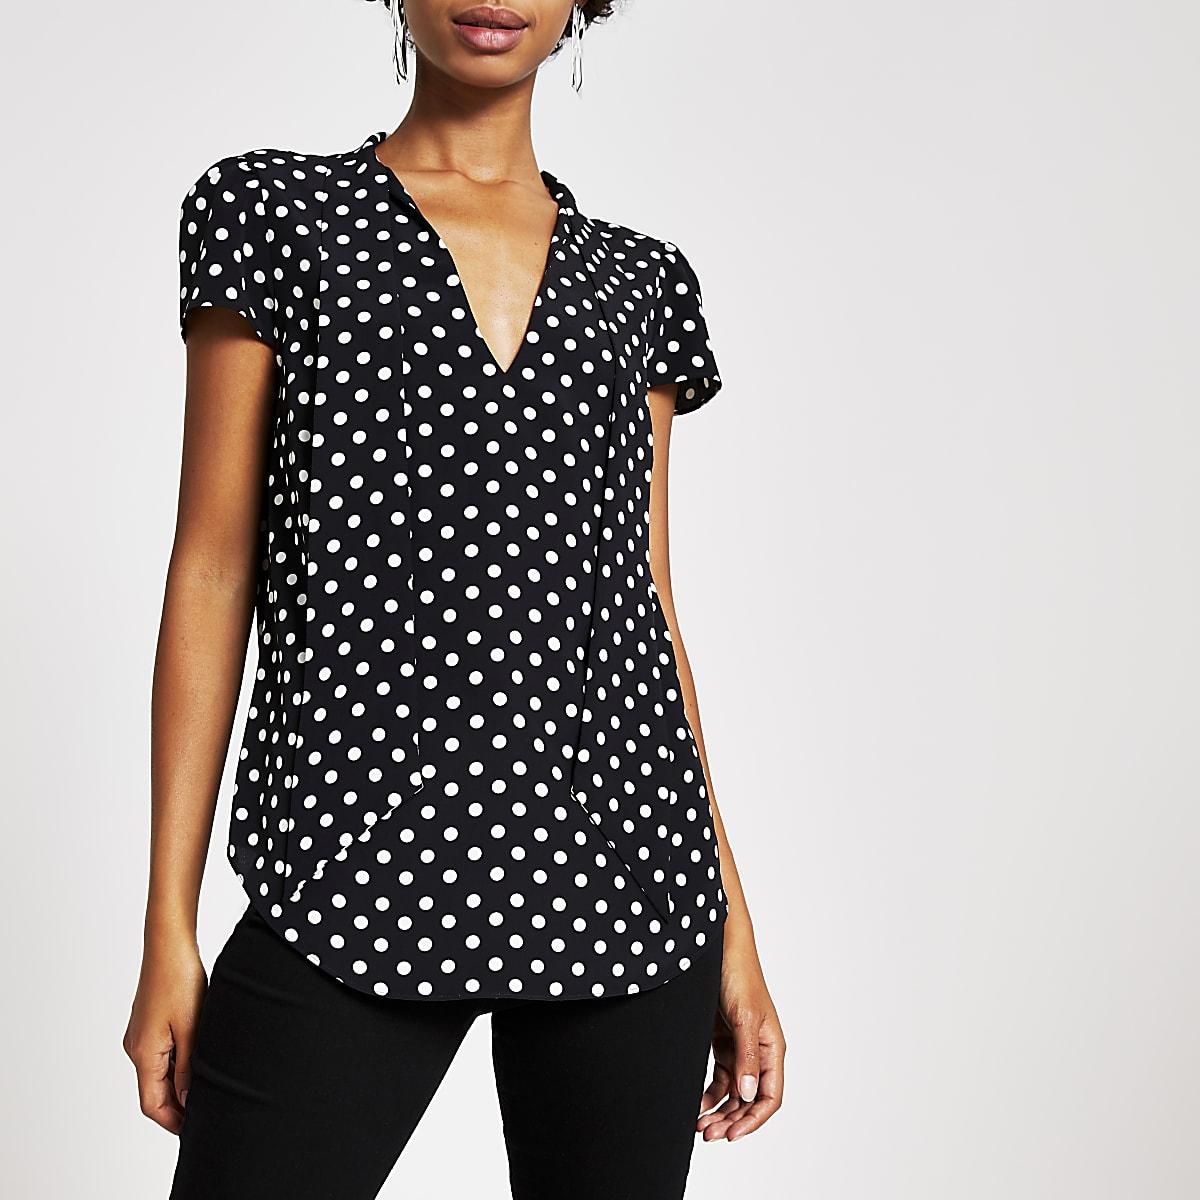 Zwarte blouse met stippen en strikkraag